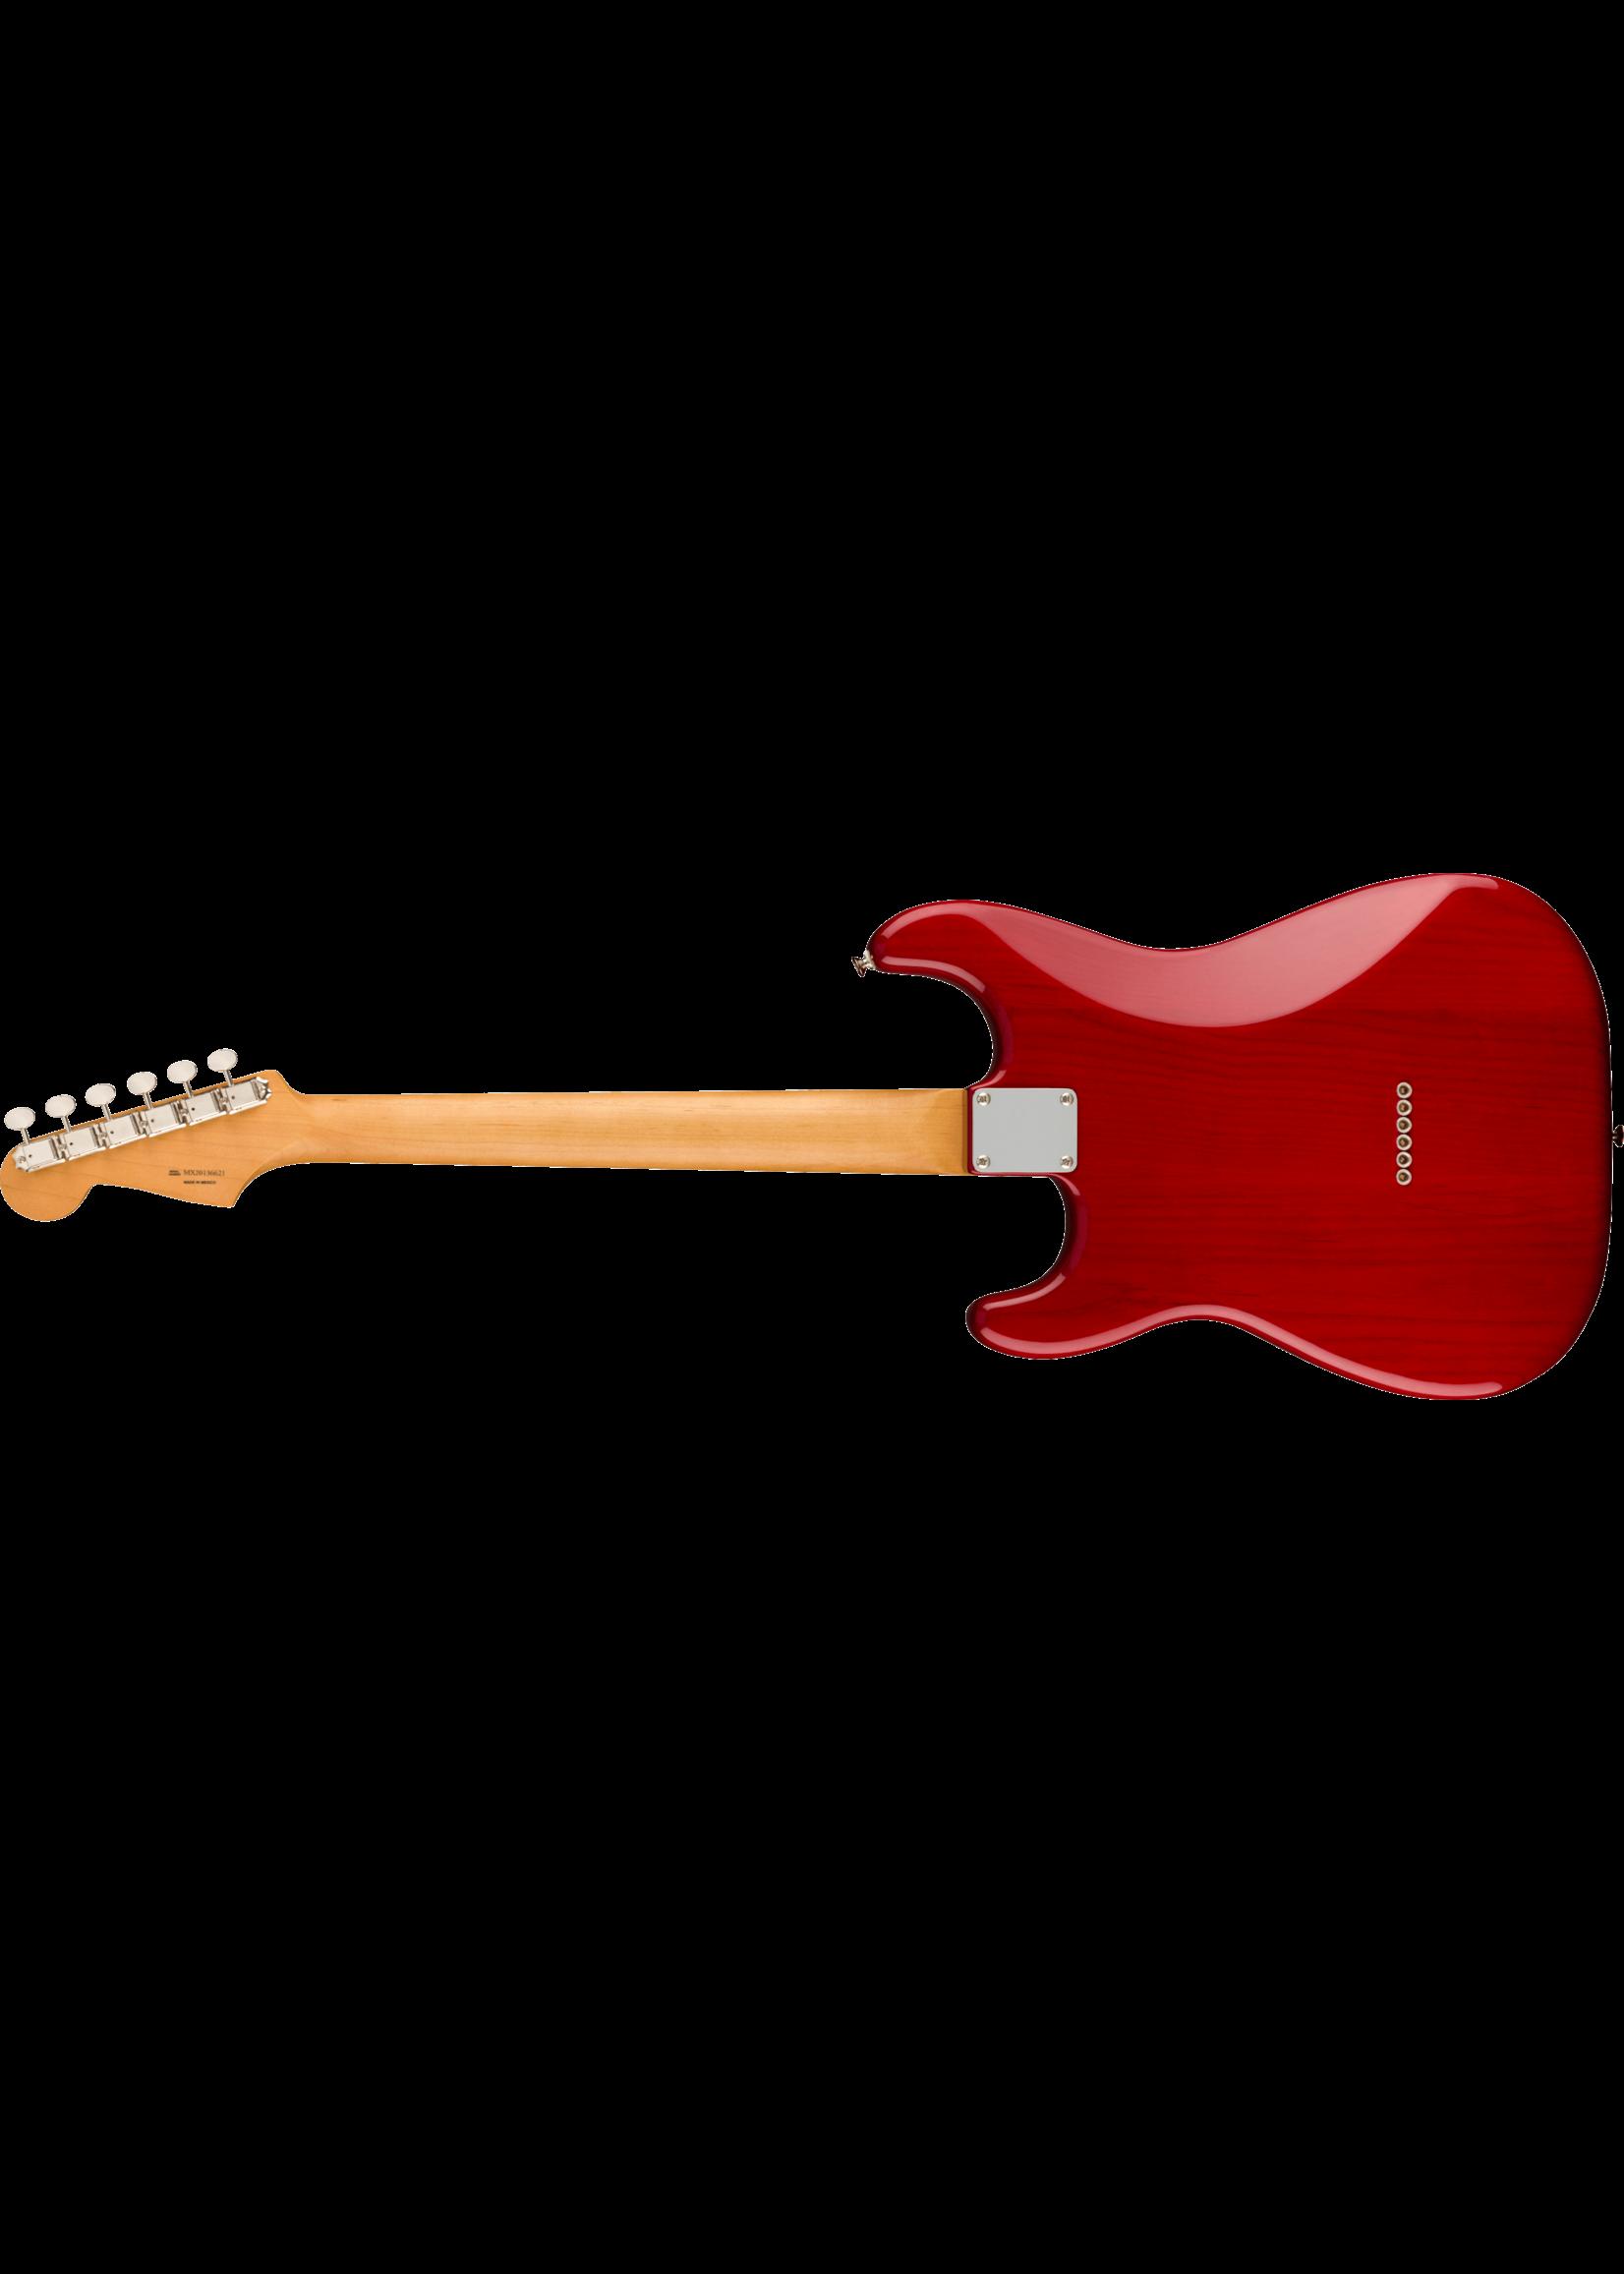 Fender Fender Noventa Stratocaster Crimson Red Transparent